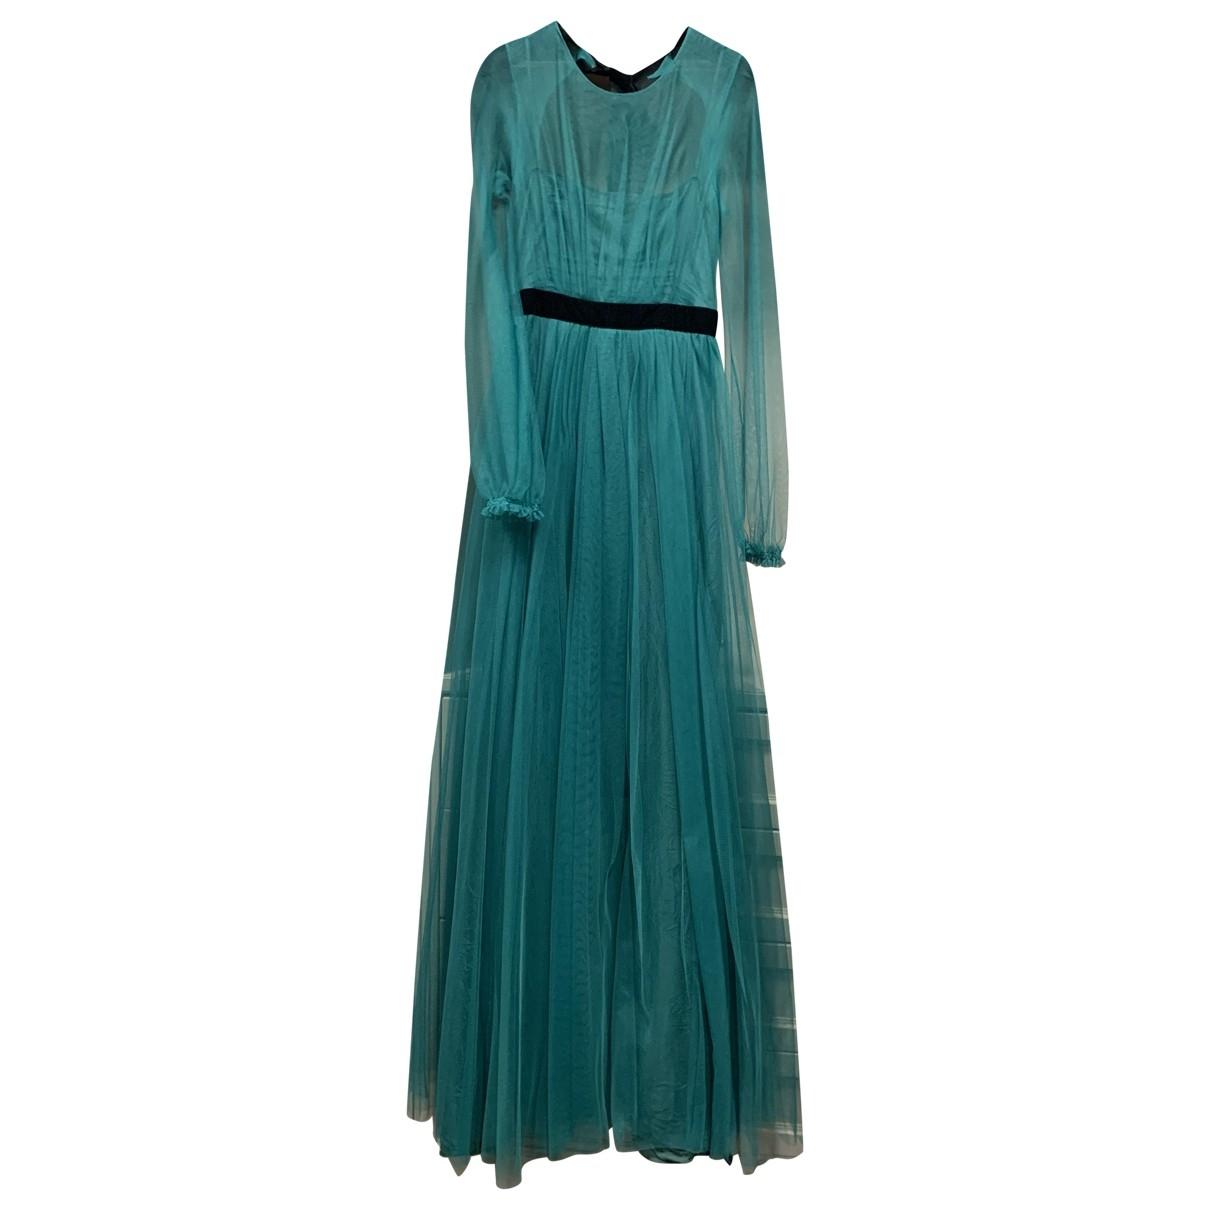 N°21 \N Green dress for Women 40 IT